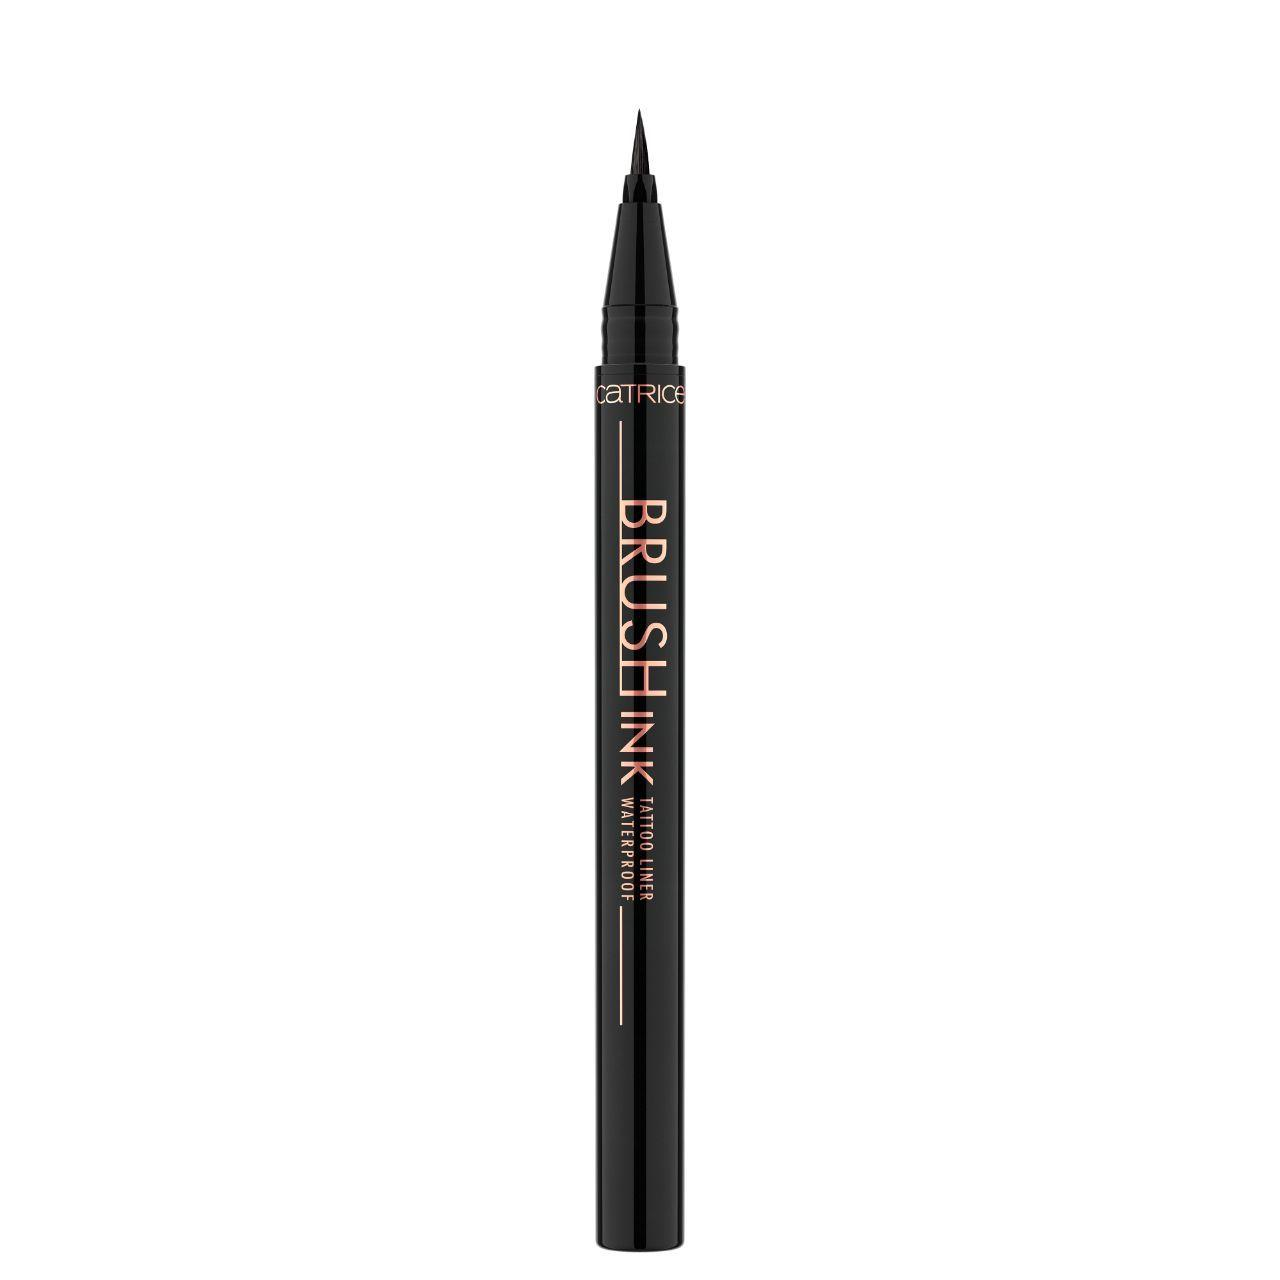 Catrice Brush Ink Tattoo Liner Waterproof 010